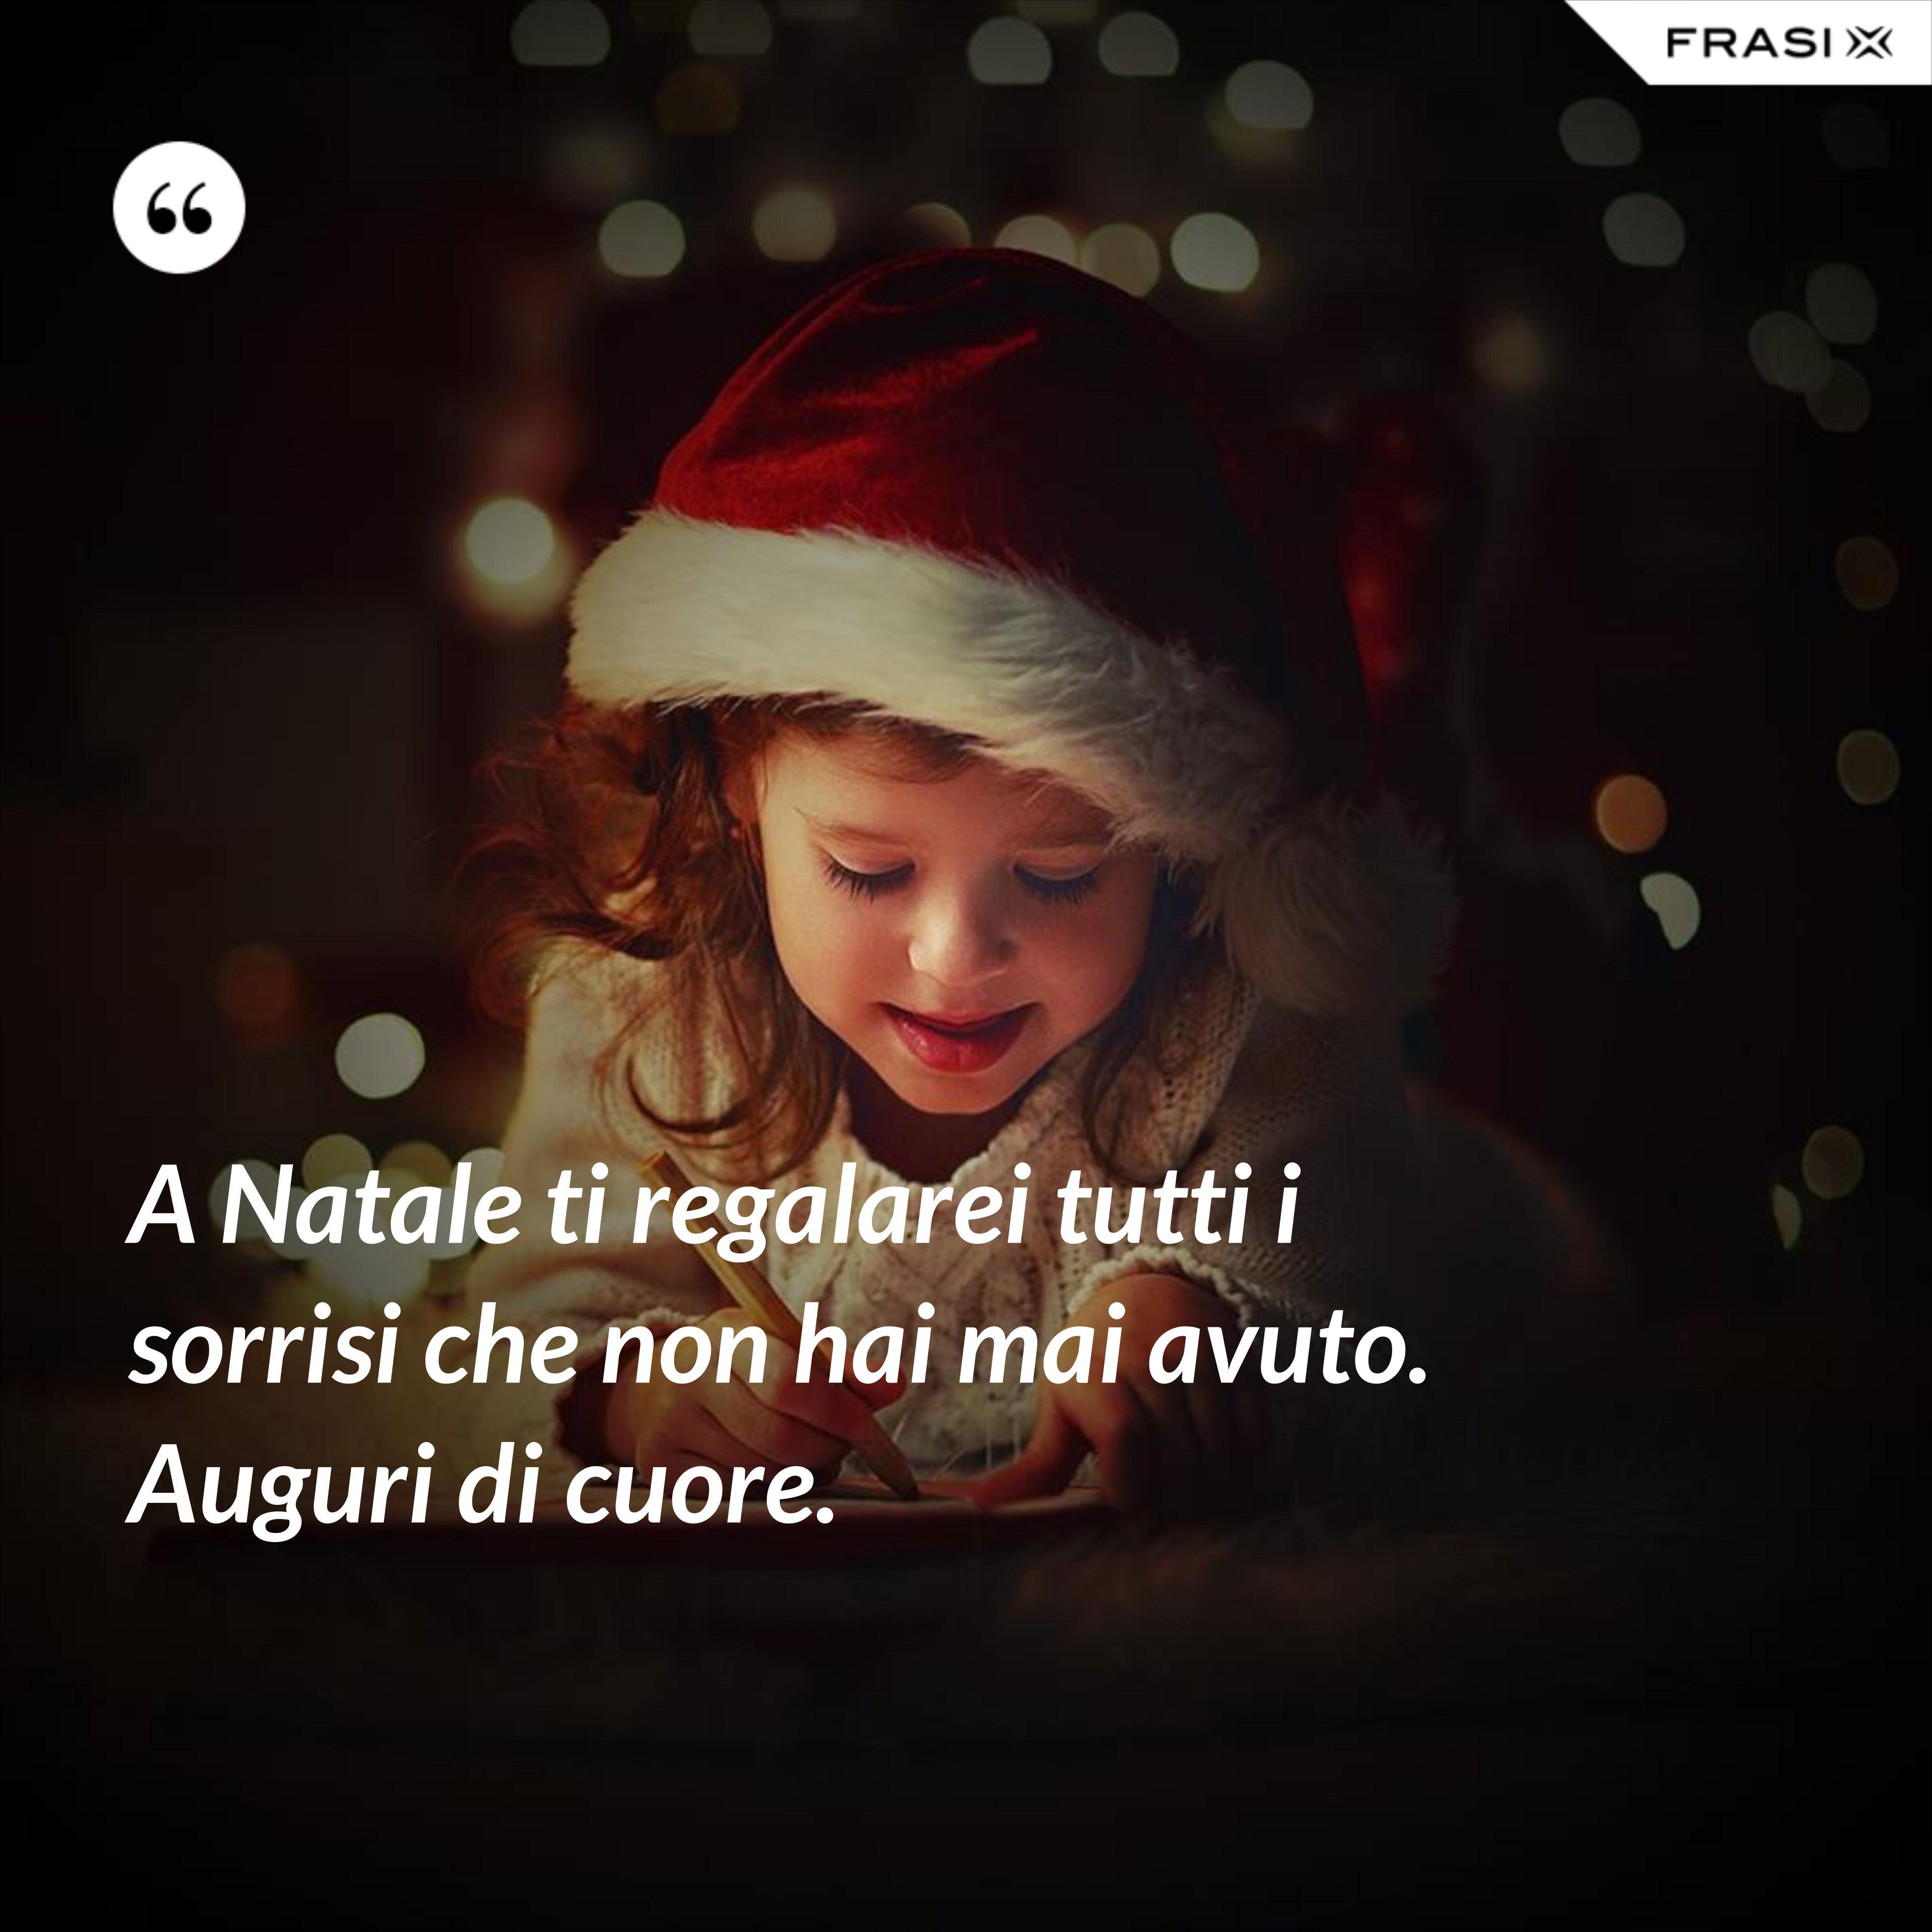 A Natale ti regalarei tutti i sorrisi che non hai mai avuto. Auguri di cuore. - Anonimo